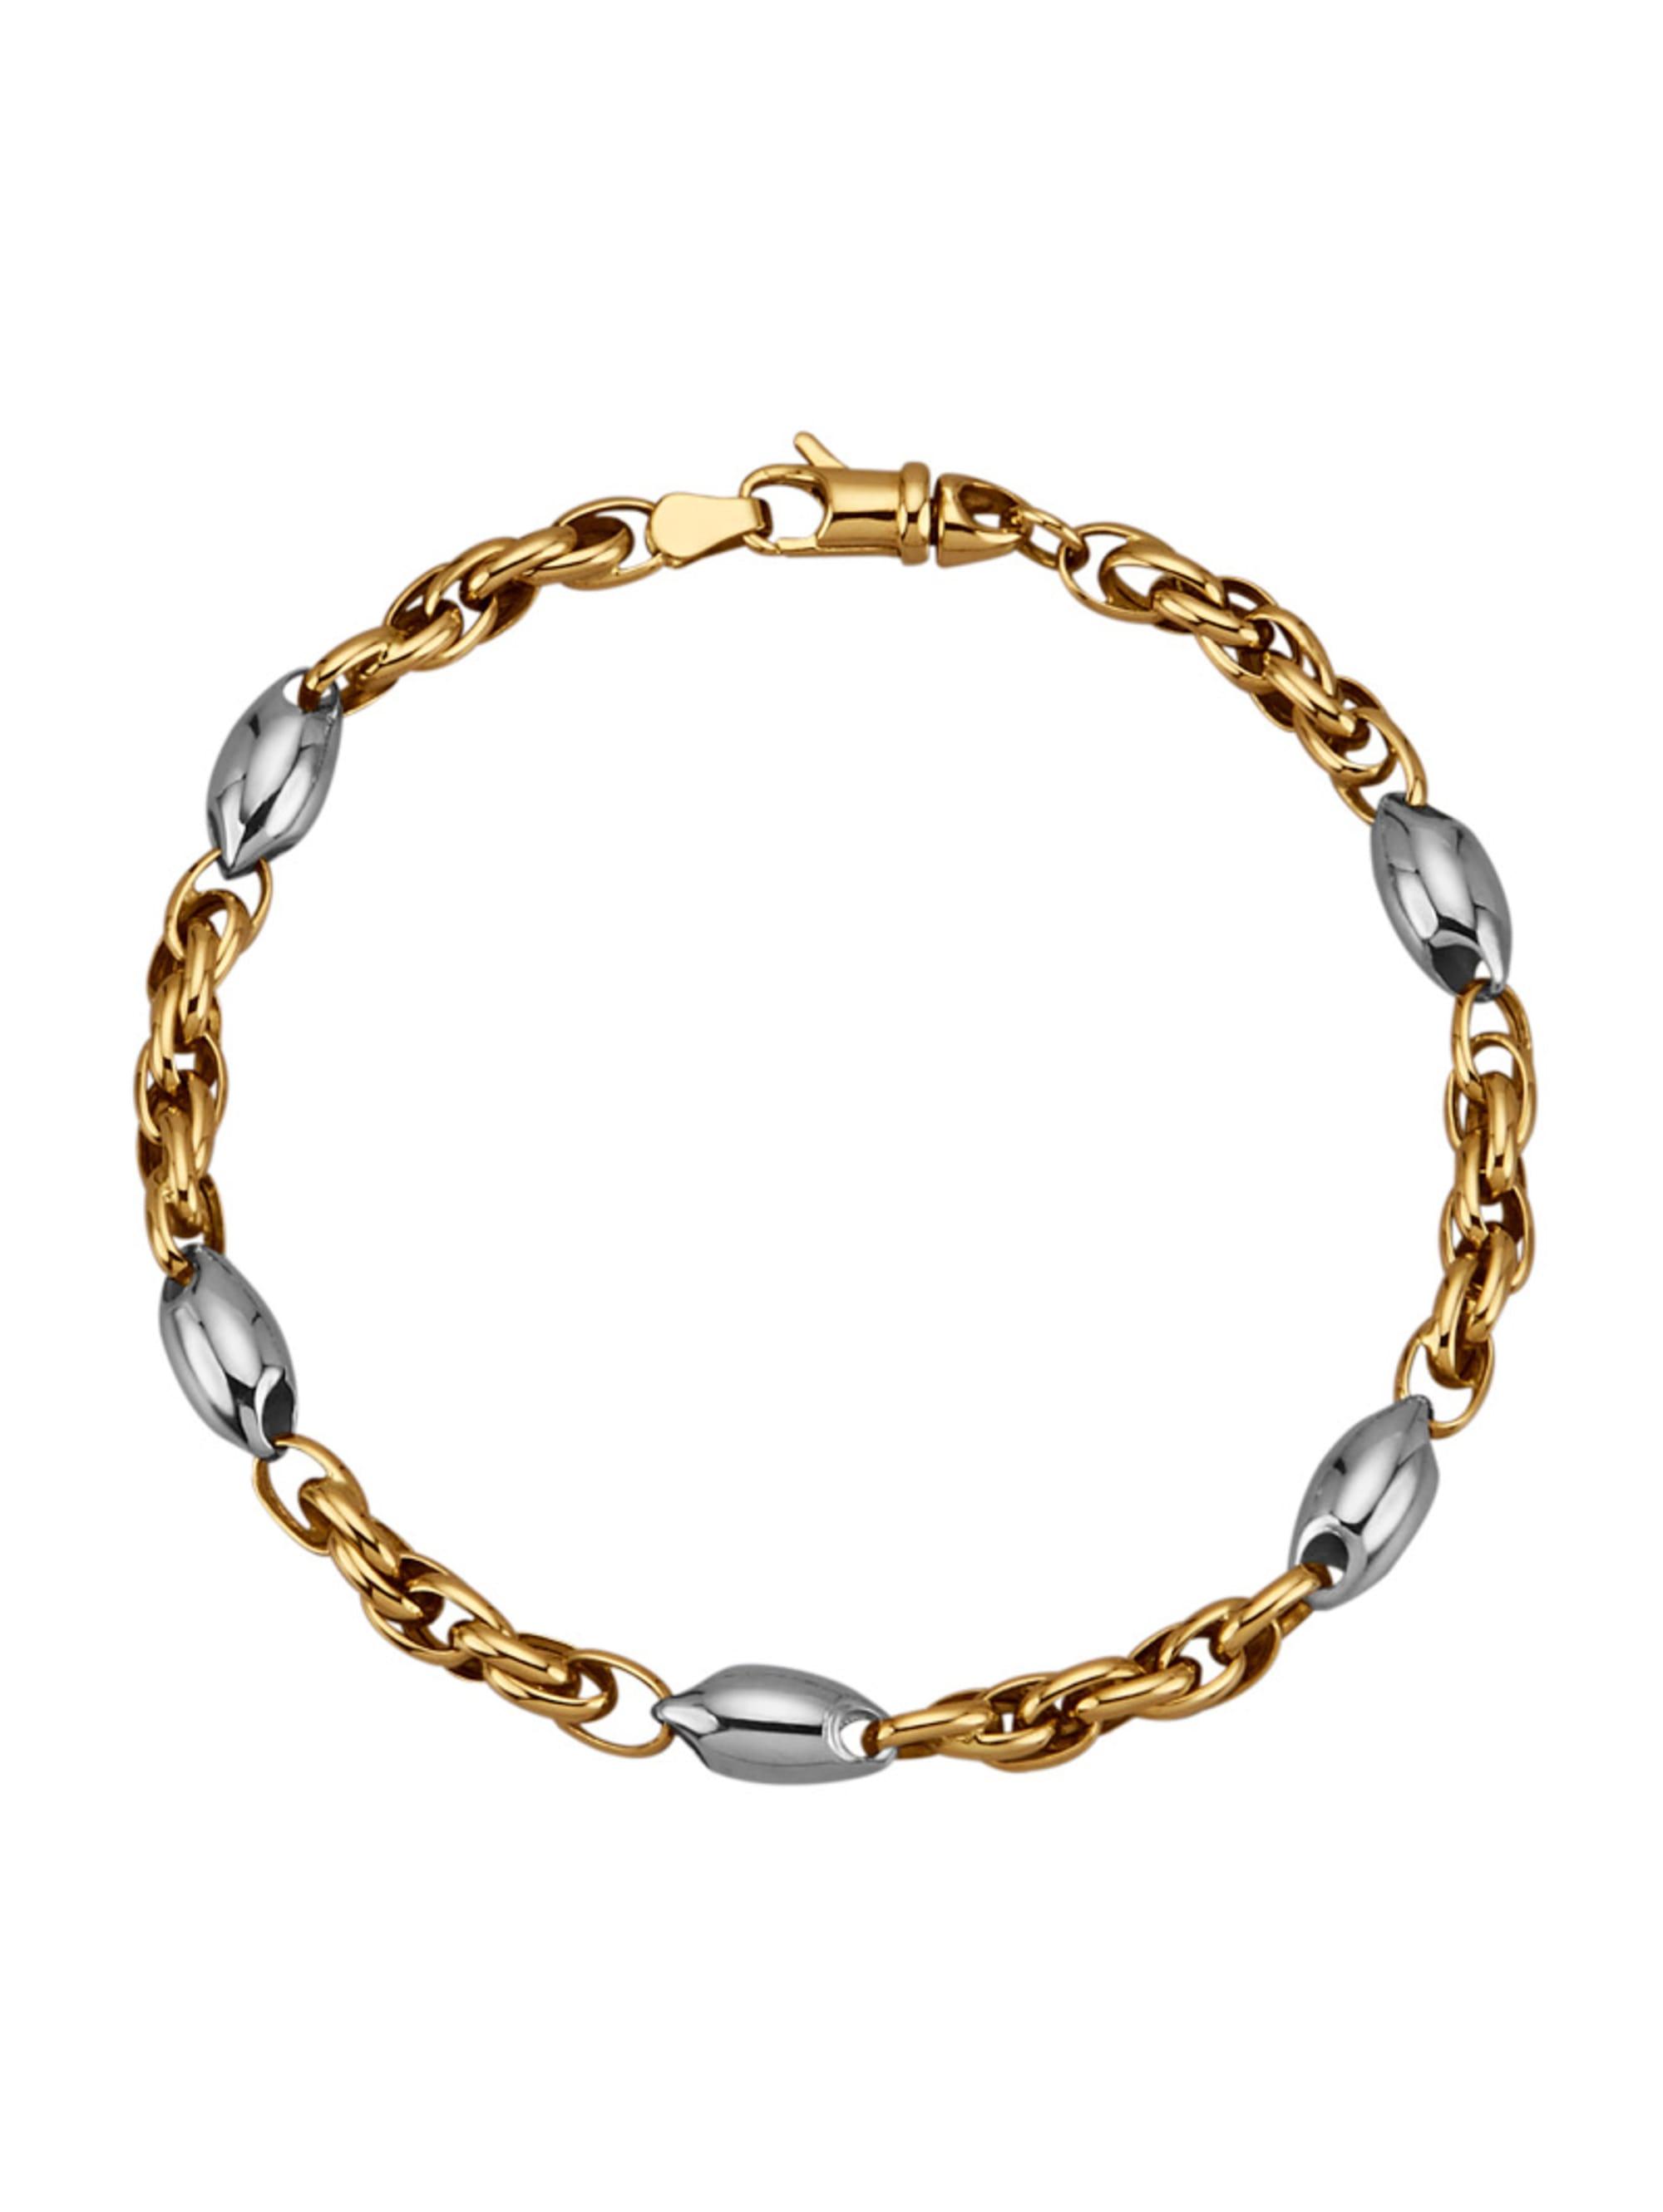 Diemer Gold Armband in Gelbgold 585 pGMo2